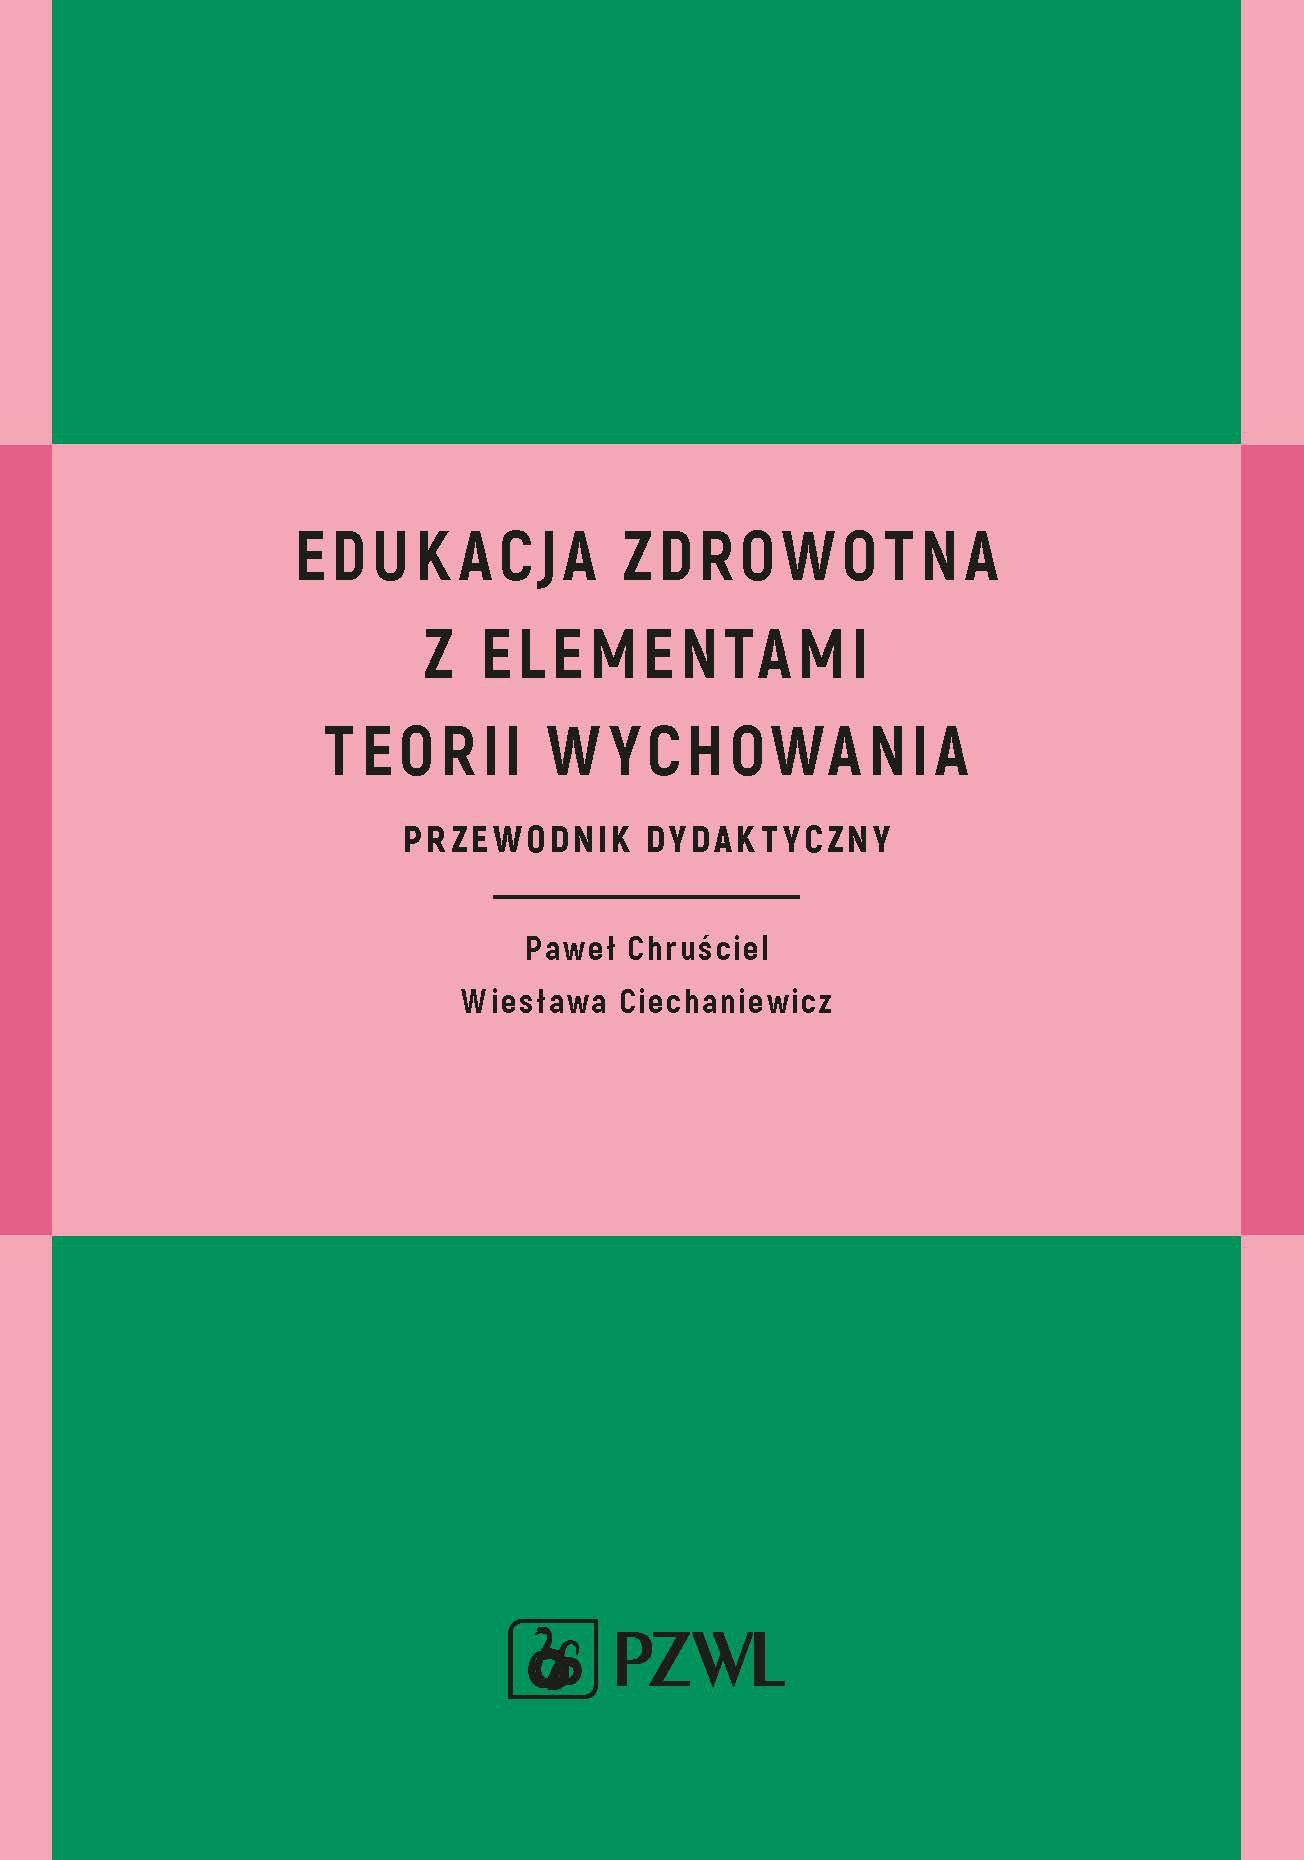 Edukacja zdrowotna z elementami teorii wychowania - Ebook (Książka EPUB) do pobrania w formacie EPUB